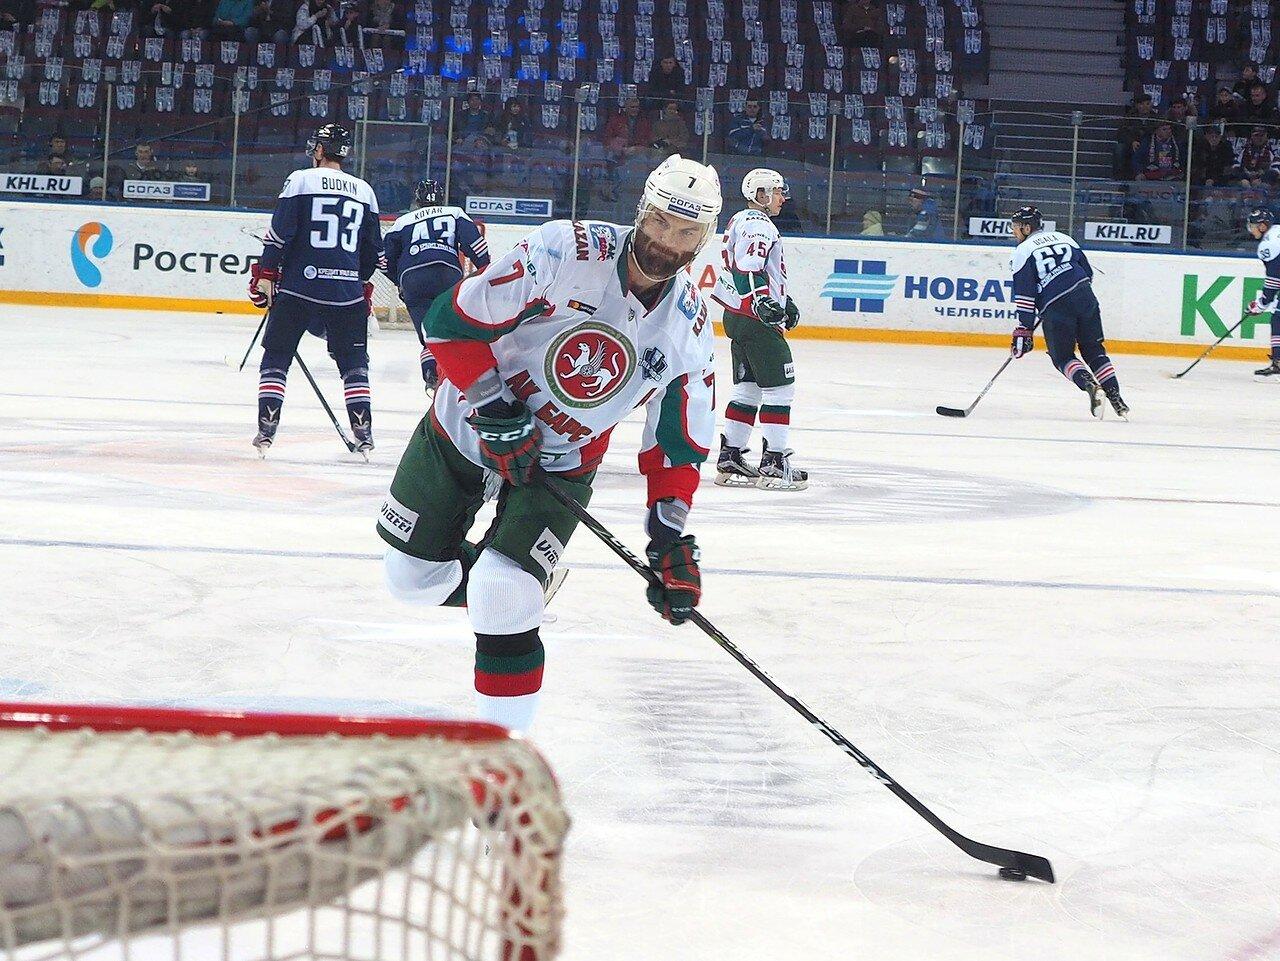 14 Первая игра финала плей-офф восточной конференции 2017 Металлург - АкБарс 24.03.2017